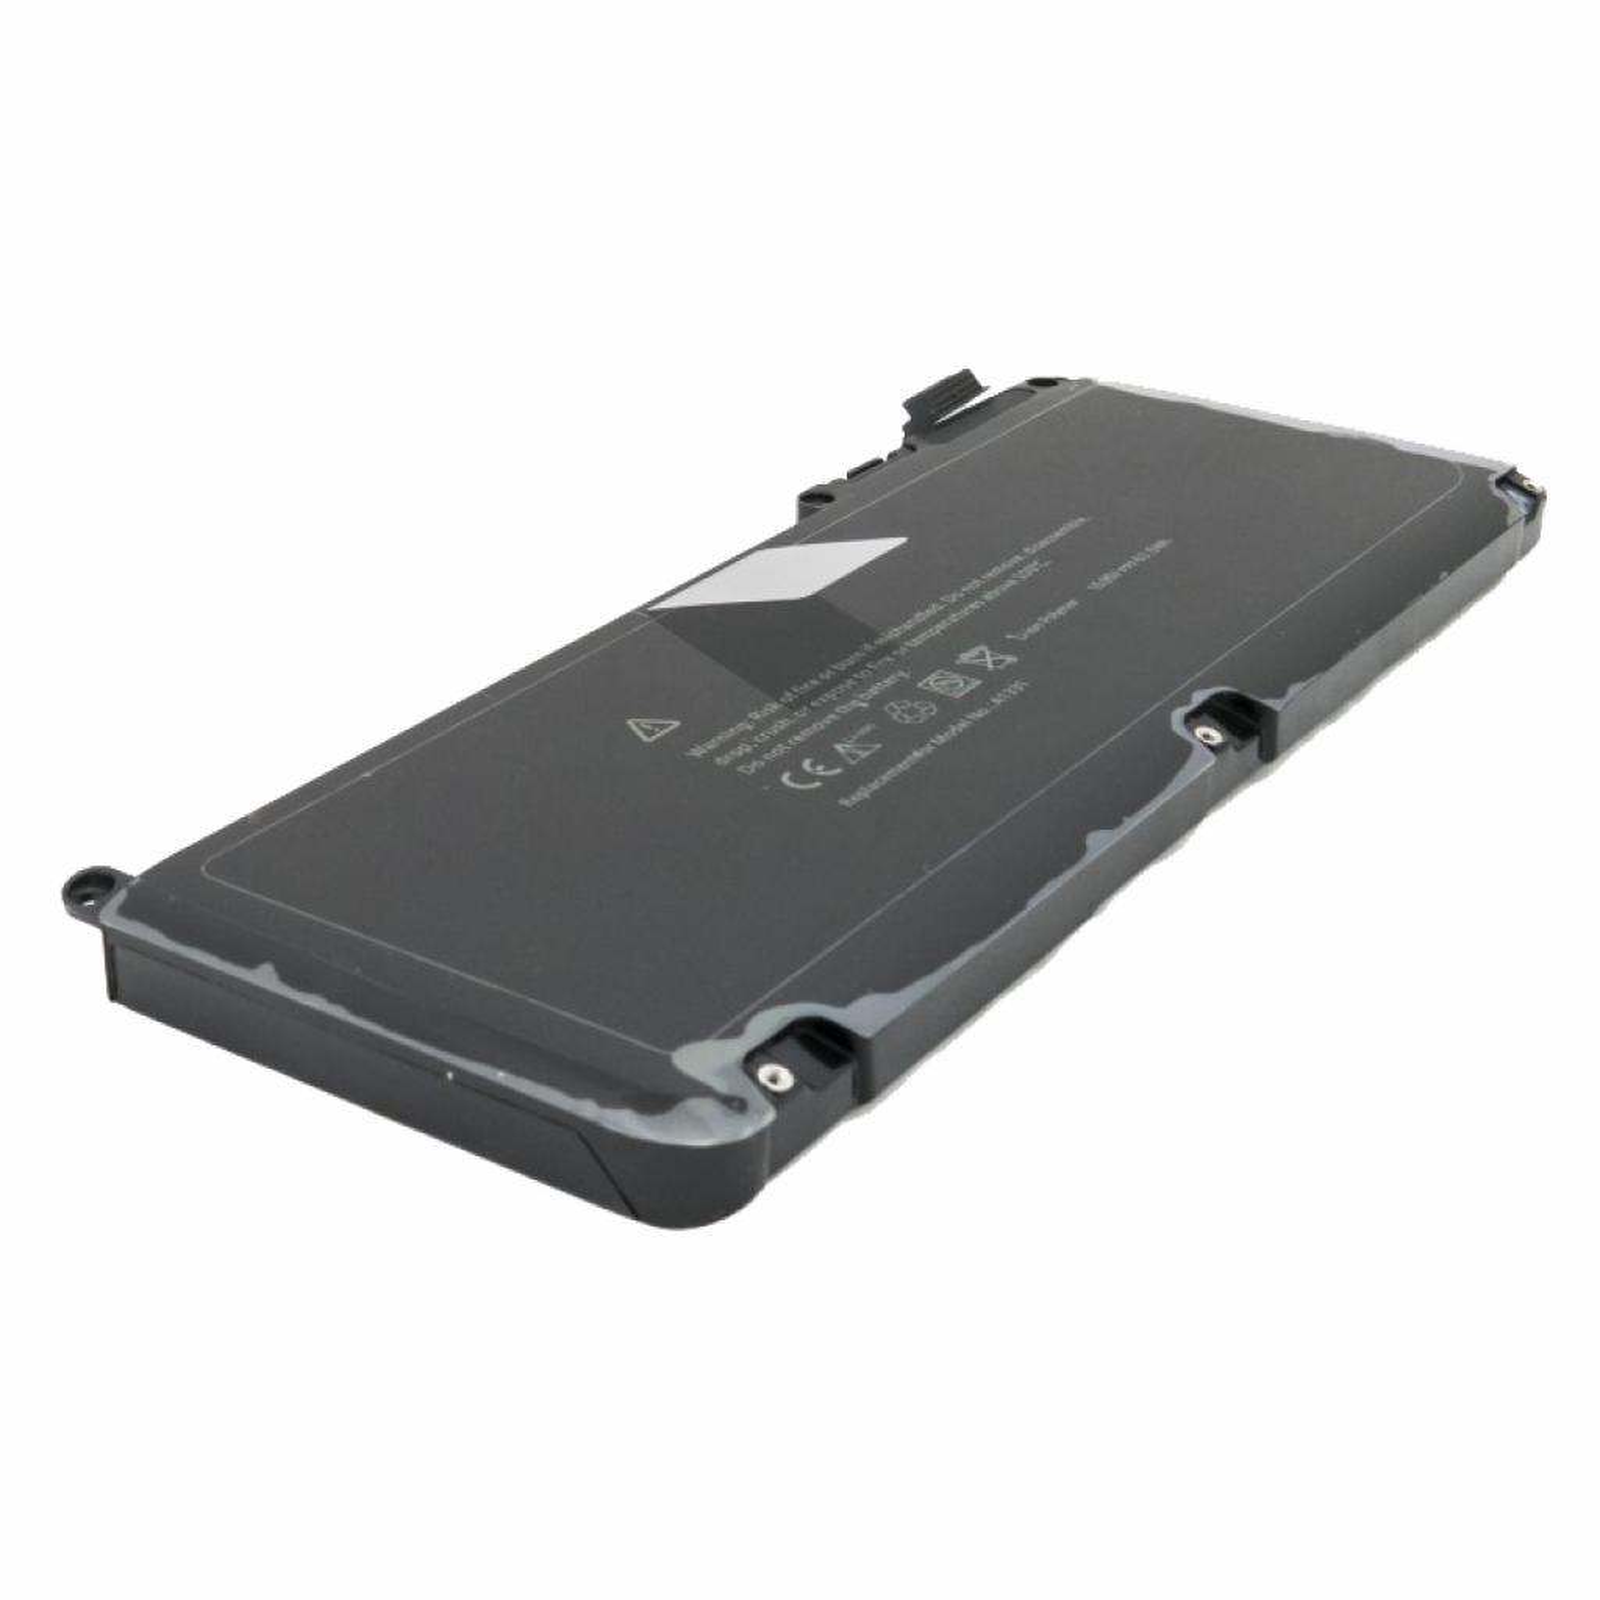 Аккумулятор для ноутбука Apple MacBook Pro (A1331) 63.5 Wh EXTRADIGITAL (BNA3918) изображение 3